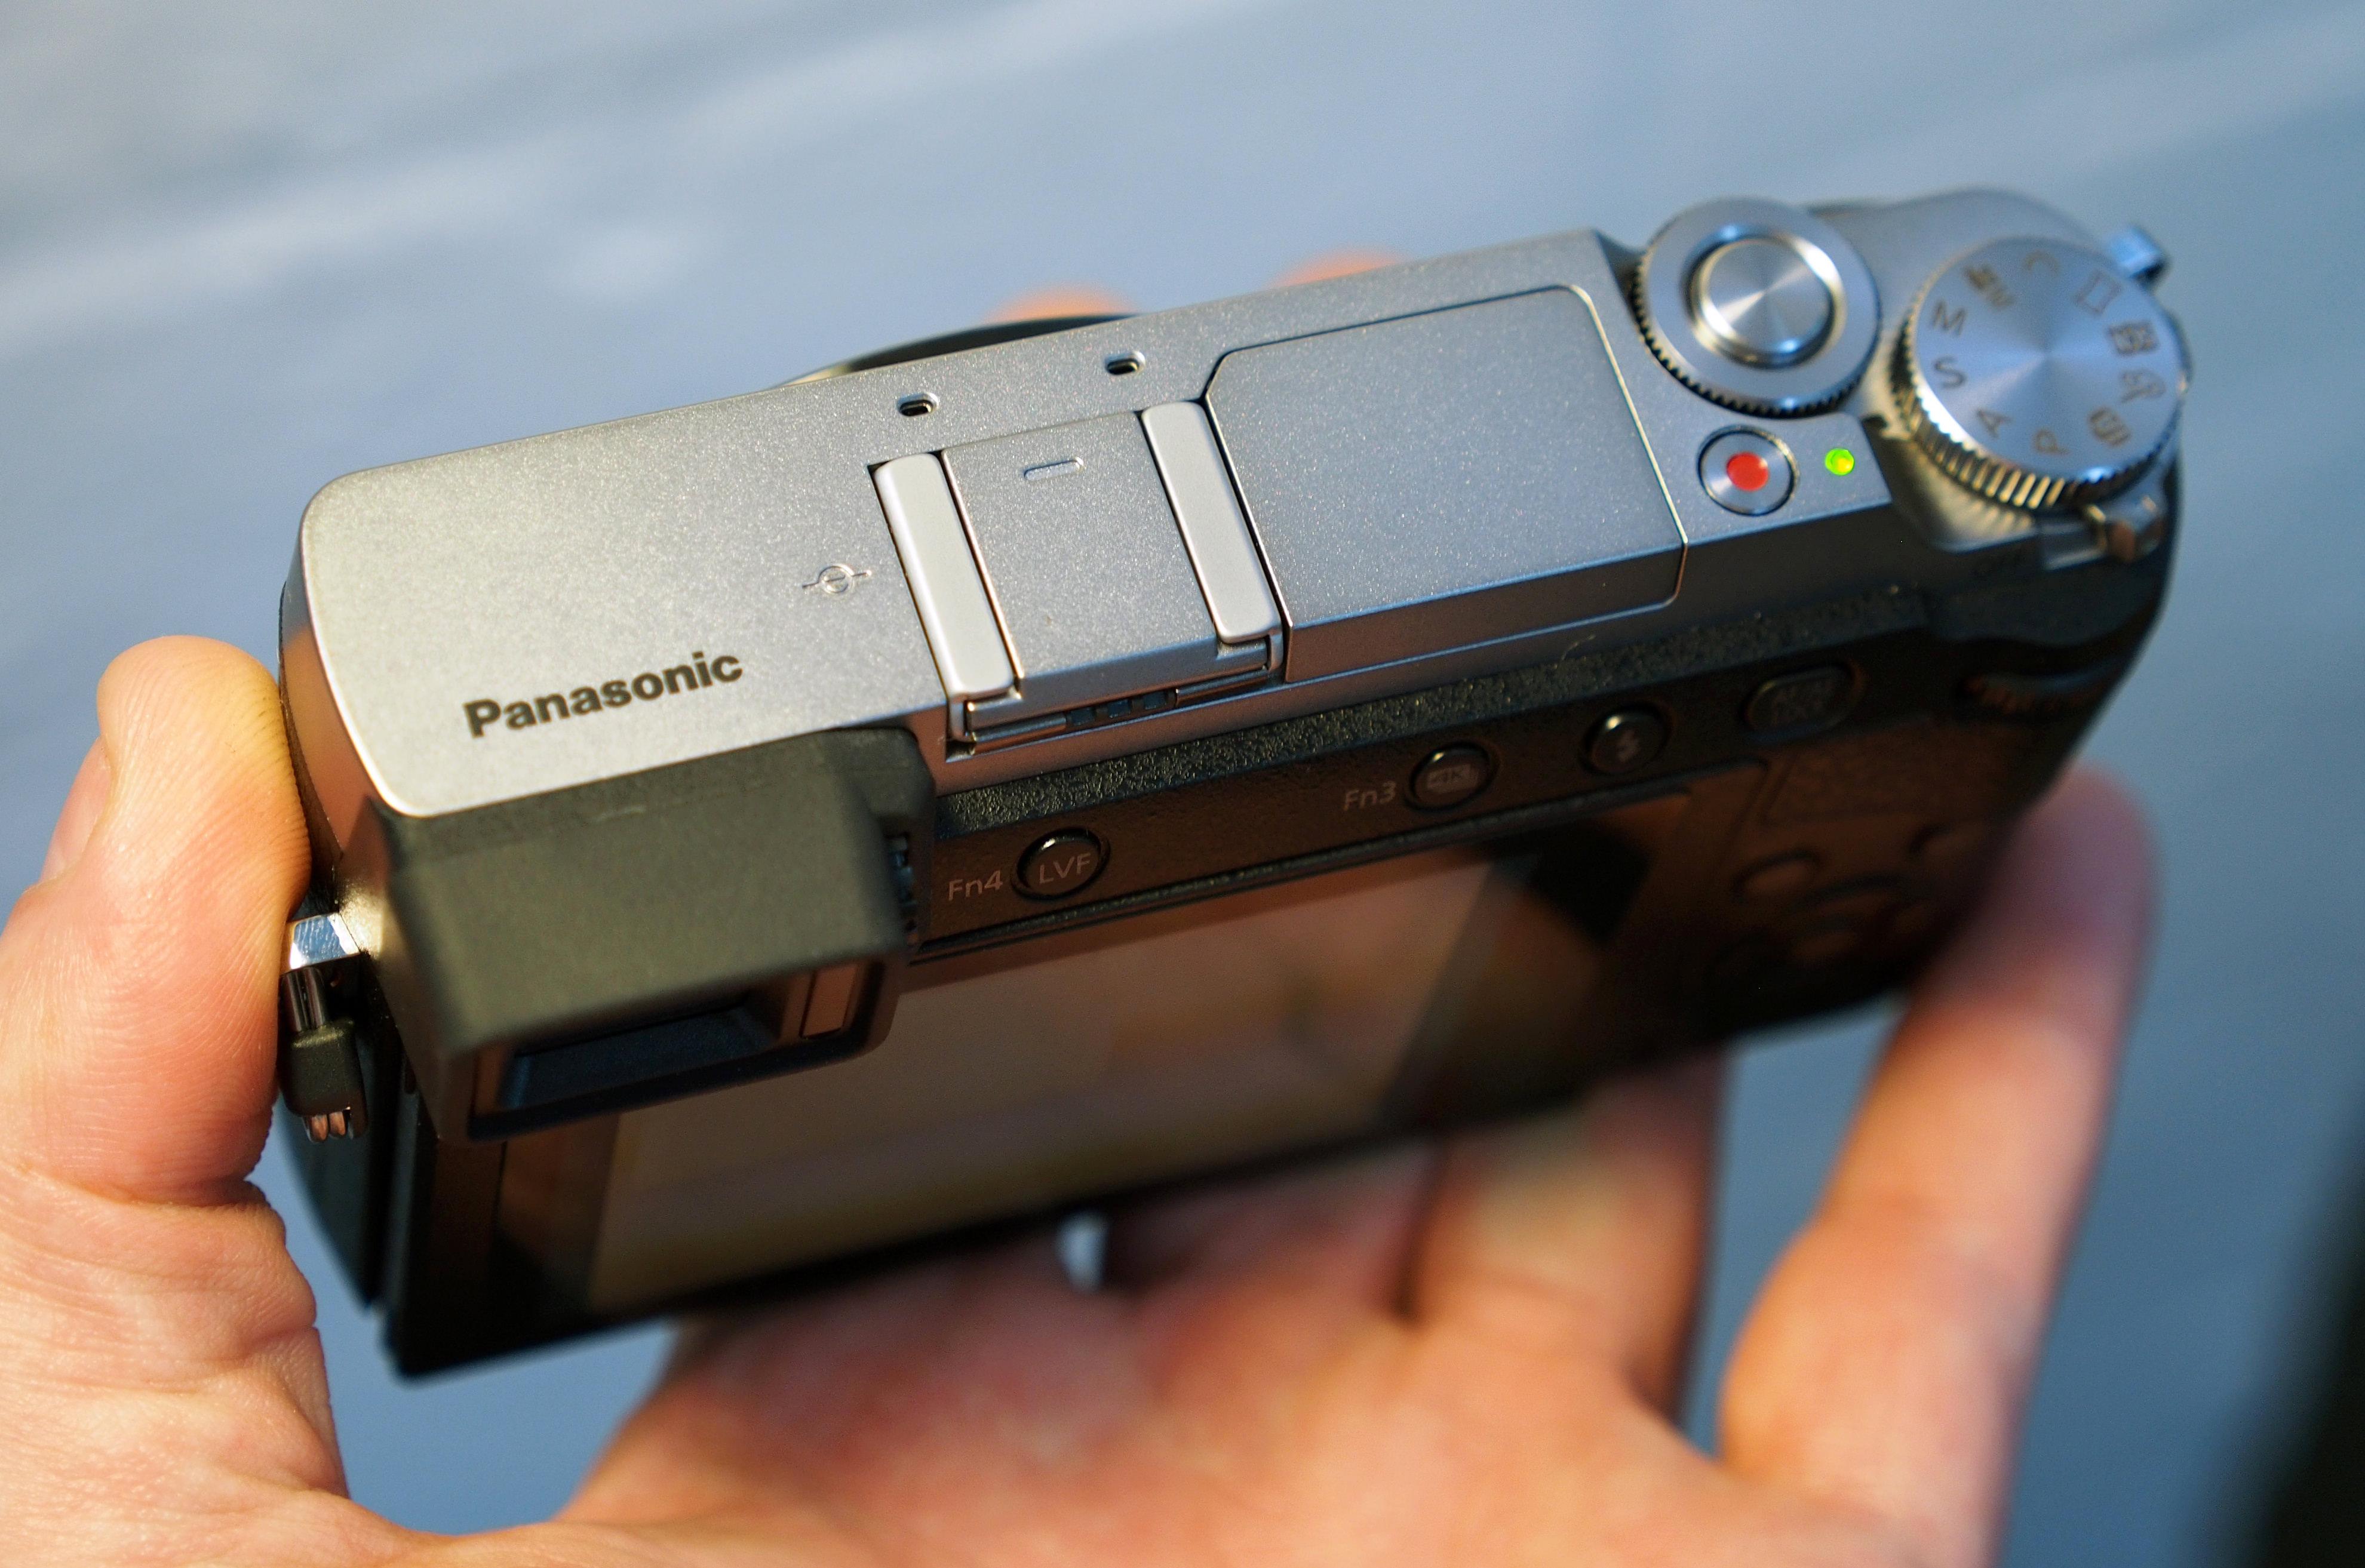 Panasonic Lumix Gx80 Gx85 Review Gx85k Lensa 12 32mm Kamera Dmc Handling